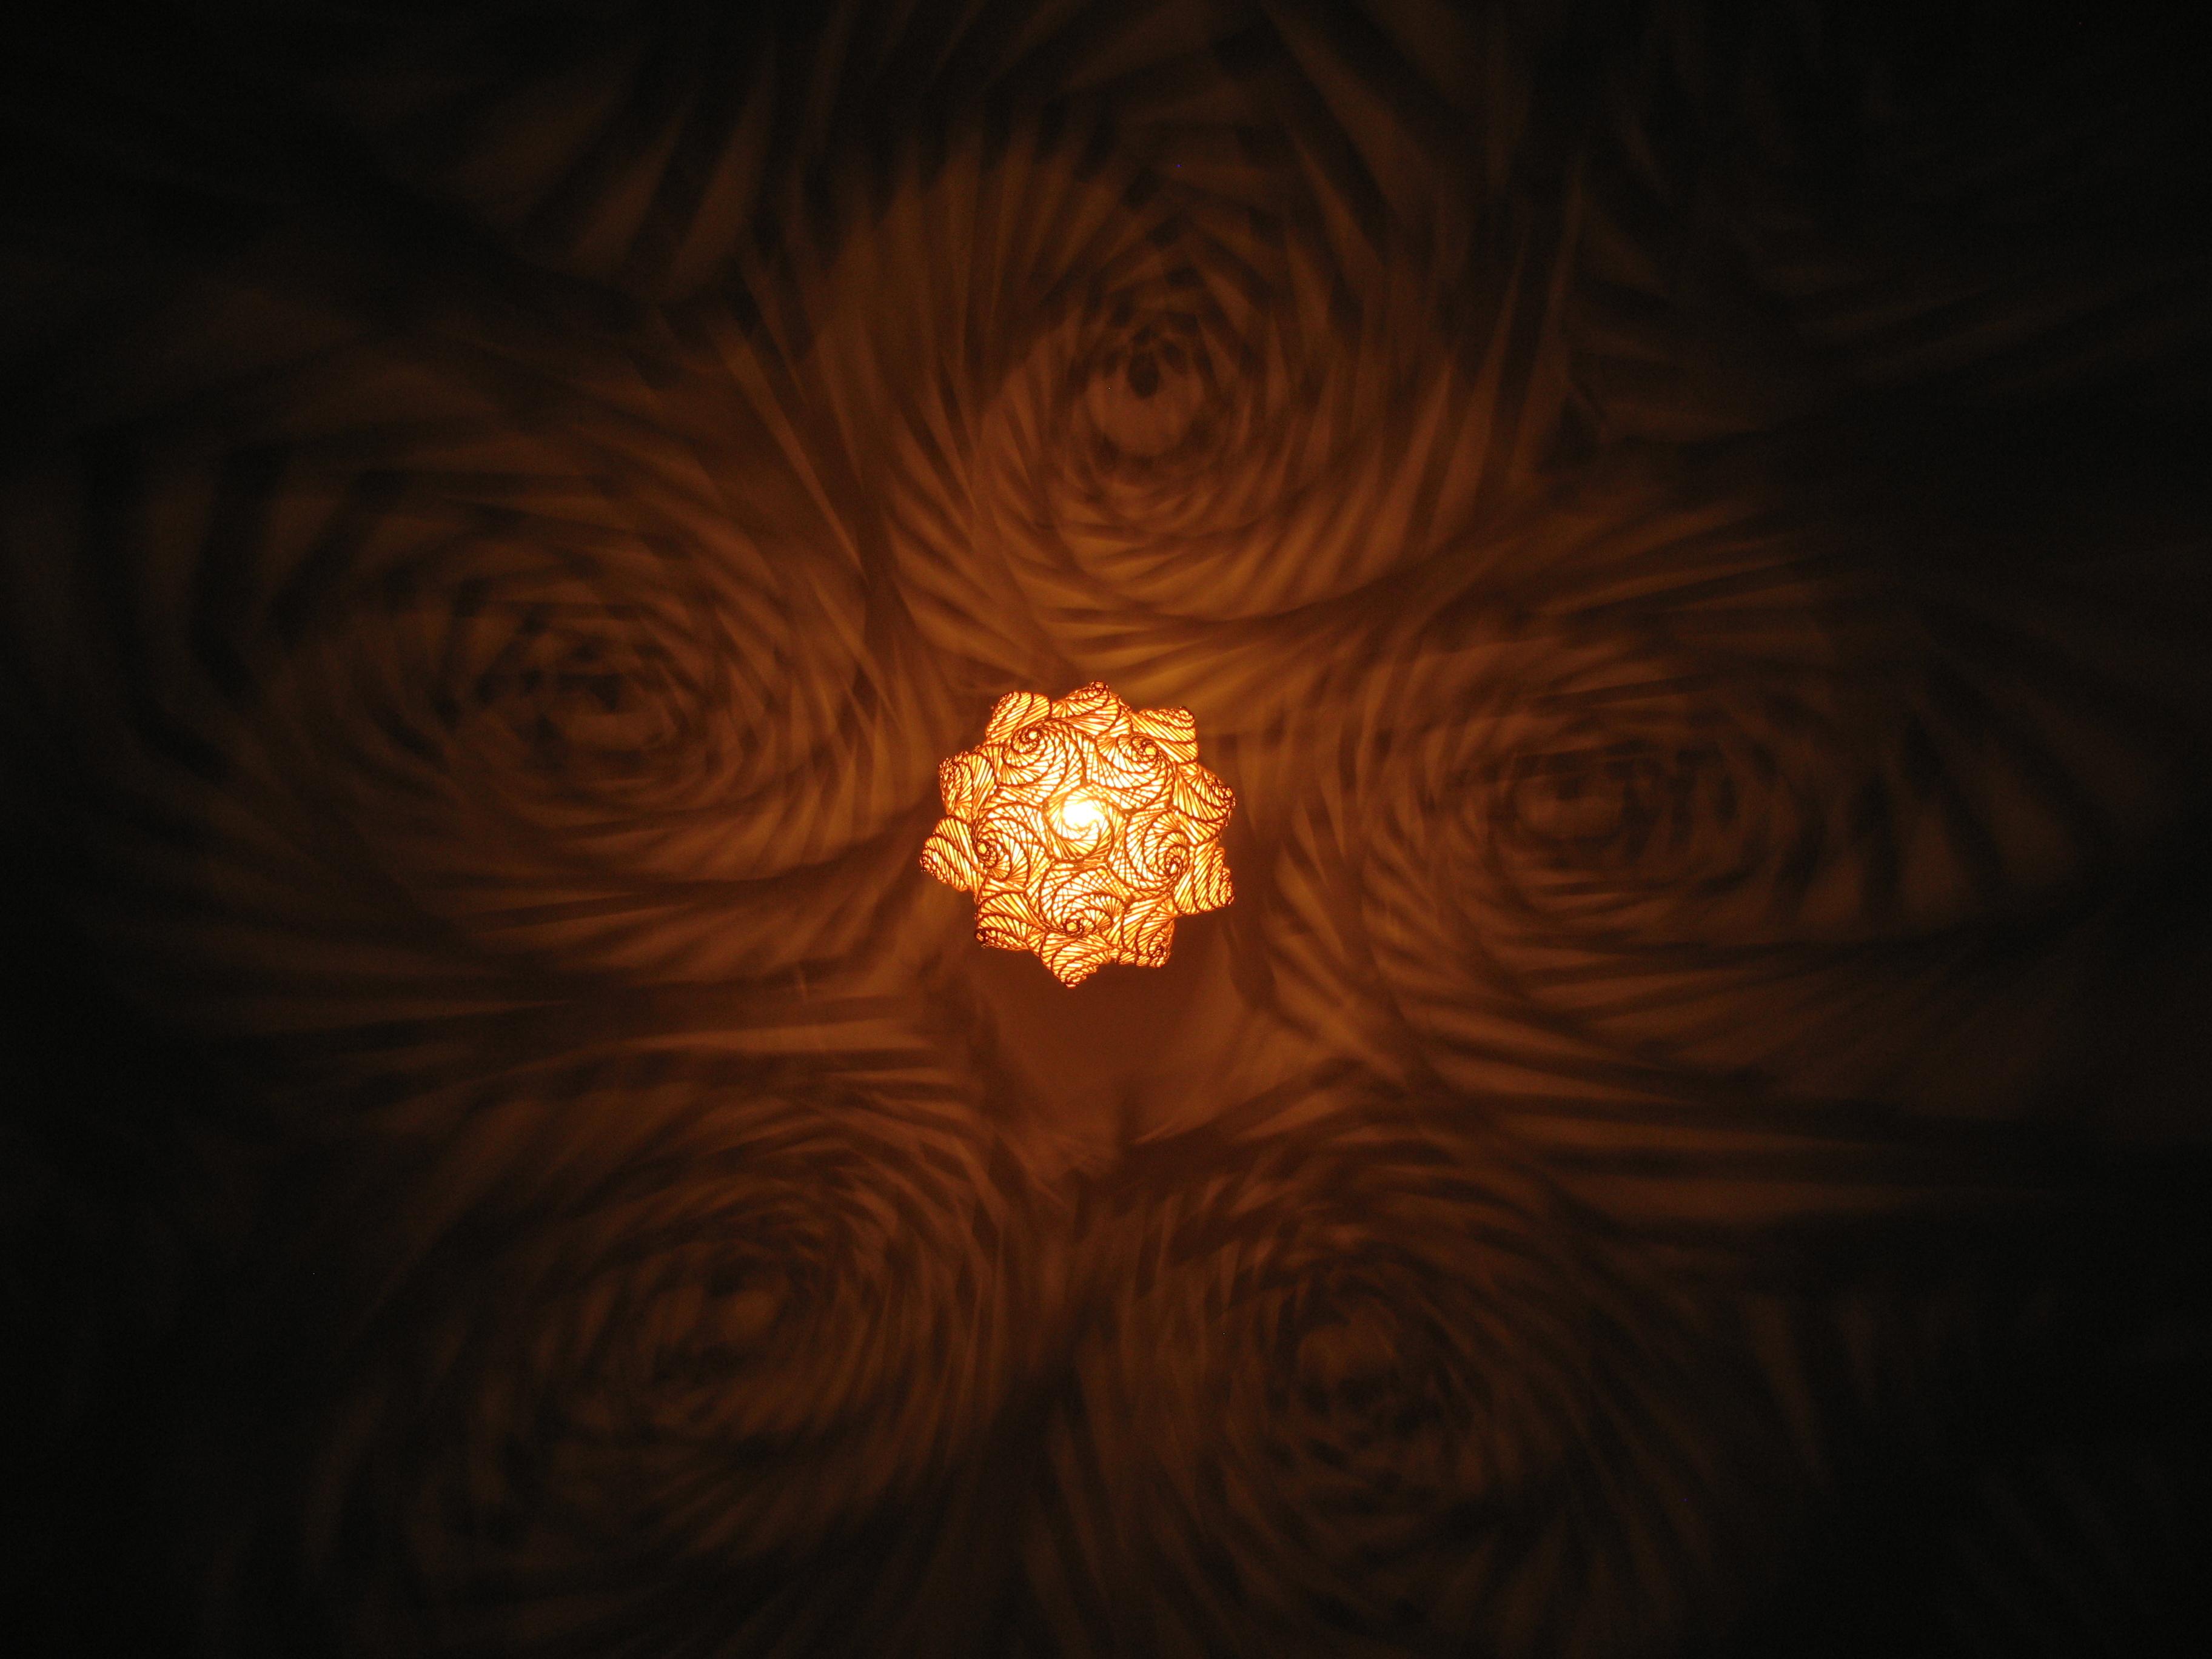 Hexagonlampe Korbsalix Flechtgestaltung